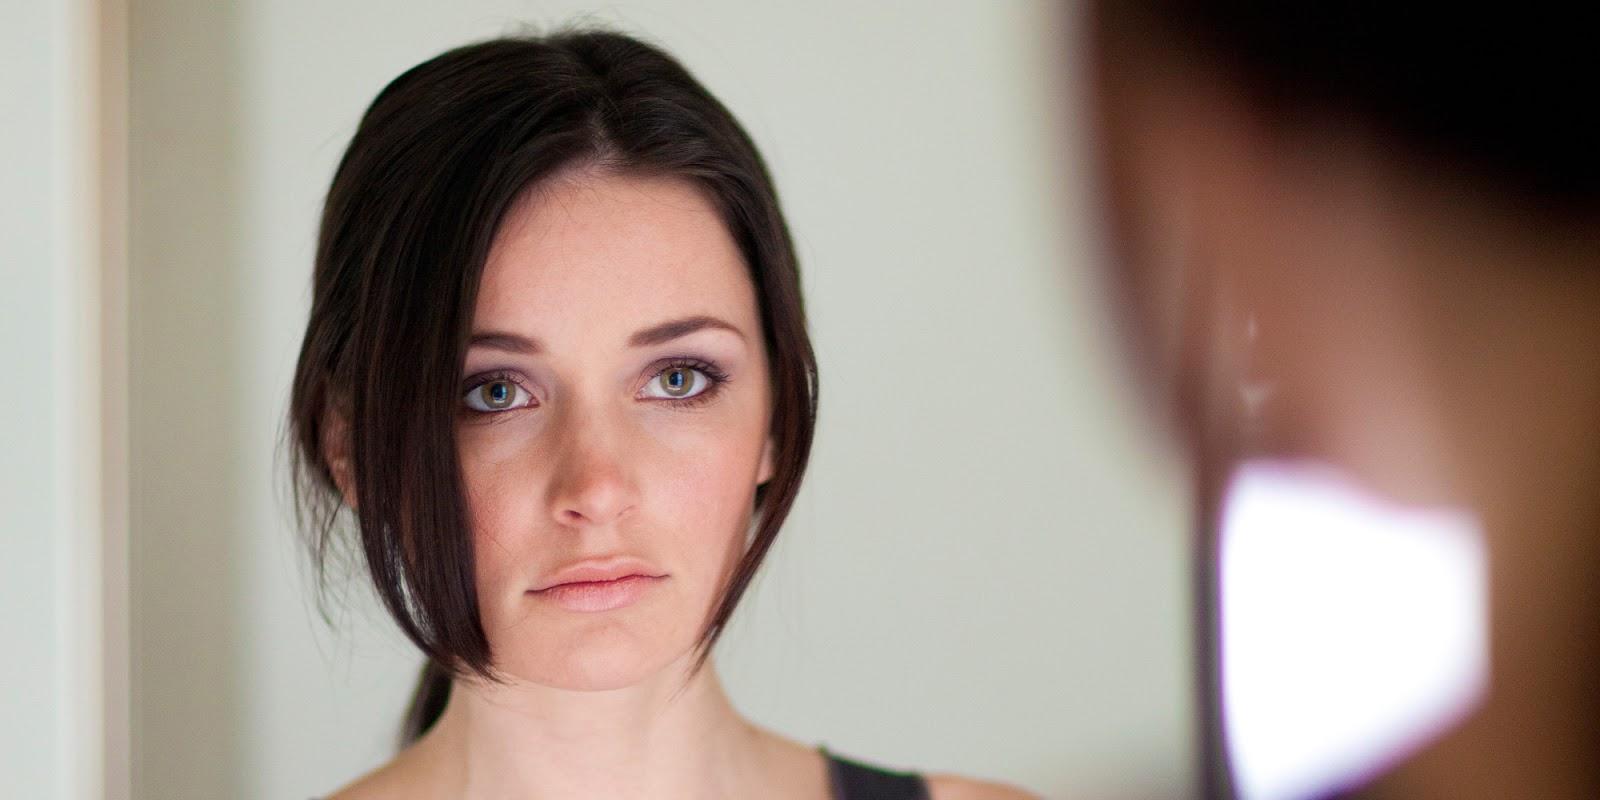 Dismorfofobia: la obsesión con los defectos